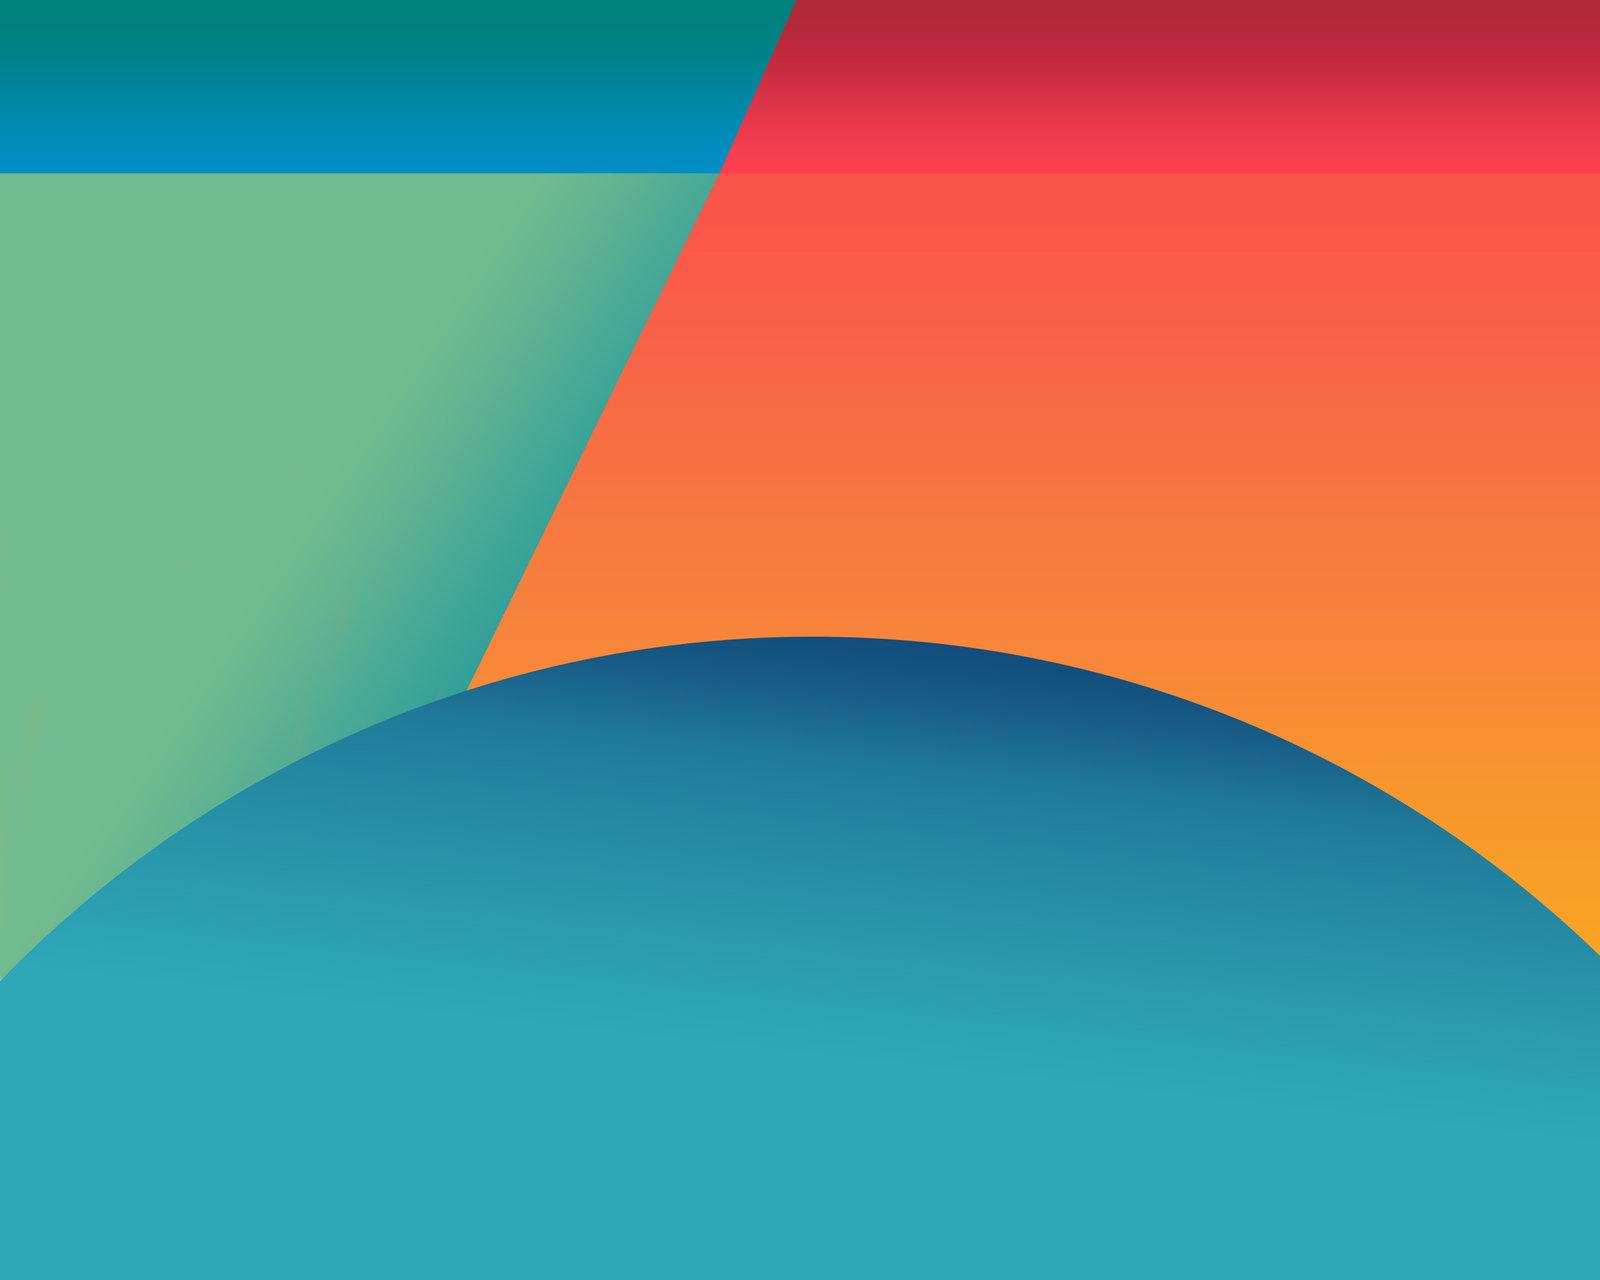 Desktop Nexus Abstract Wallpapers: Nexus 5 Wallpaper